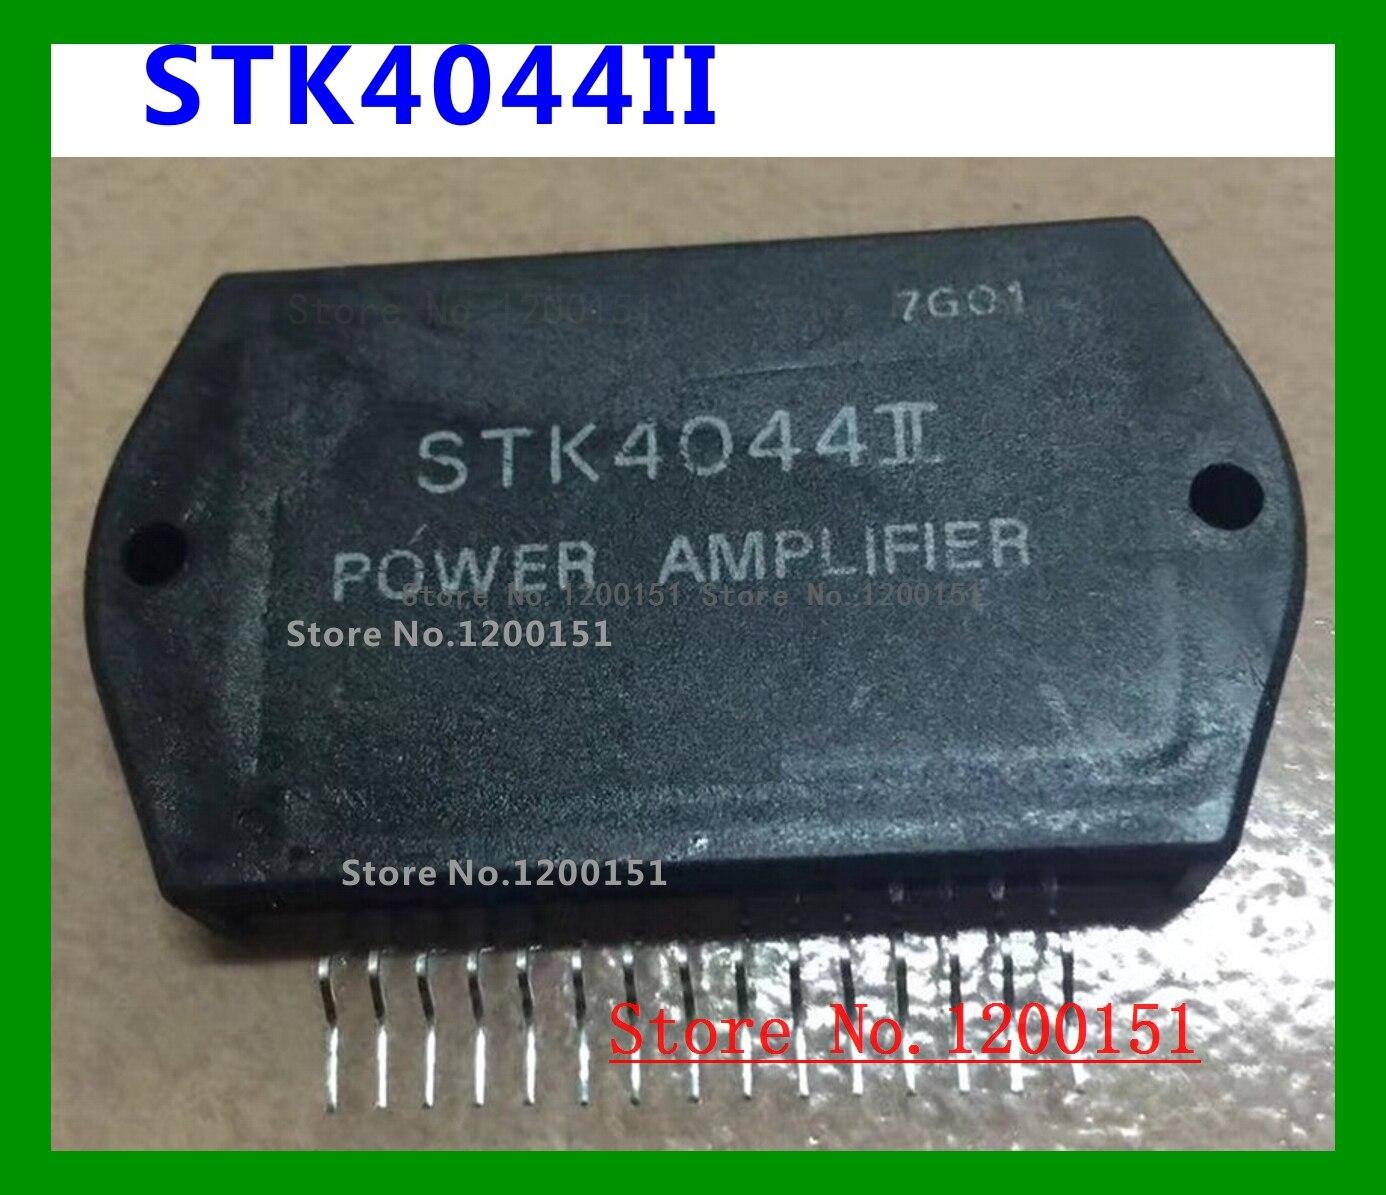 STK4044II STK4044V STK4044X  STK4044XI STK4046V STK407-070 STK407-070B STK407-100E MODULESSTK4044II STK4044V STK4044X  STK4044XI STK4046V STK407-070 STK407-070B STK407-100E MODULES